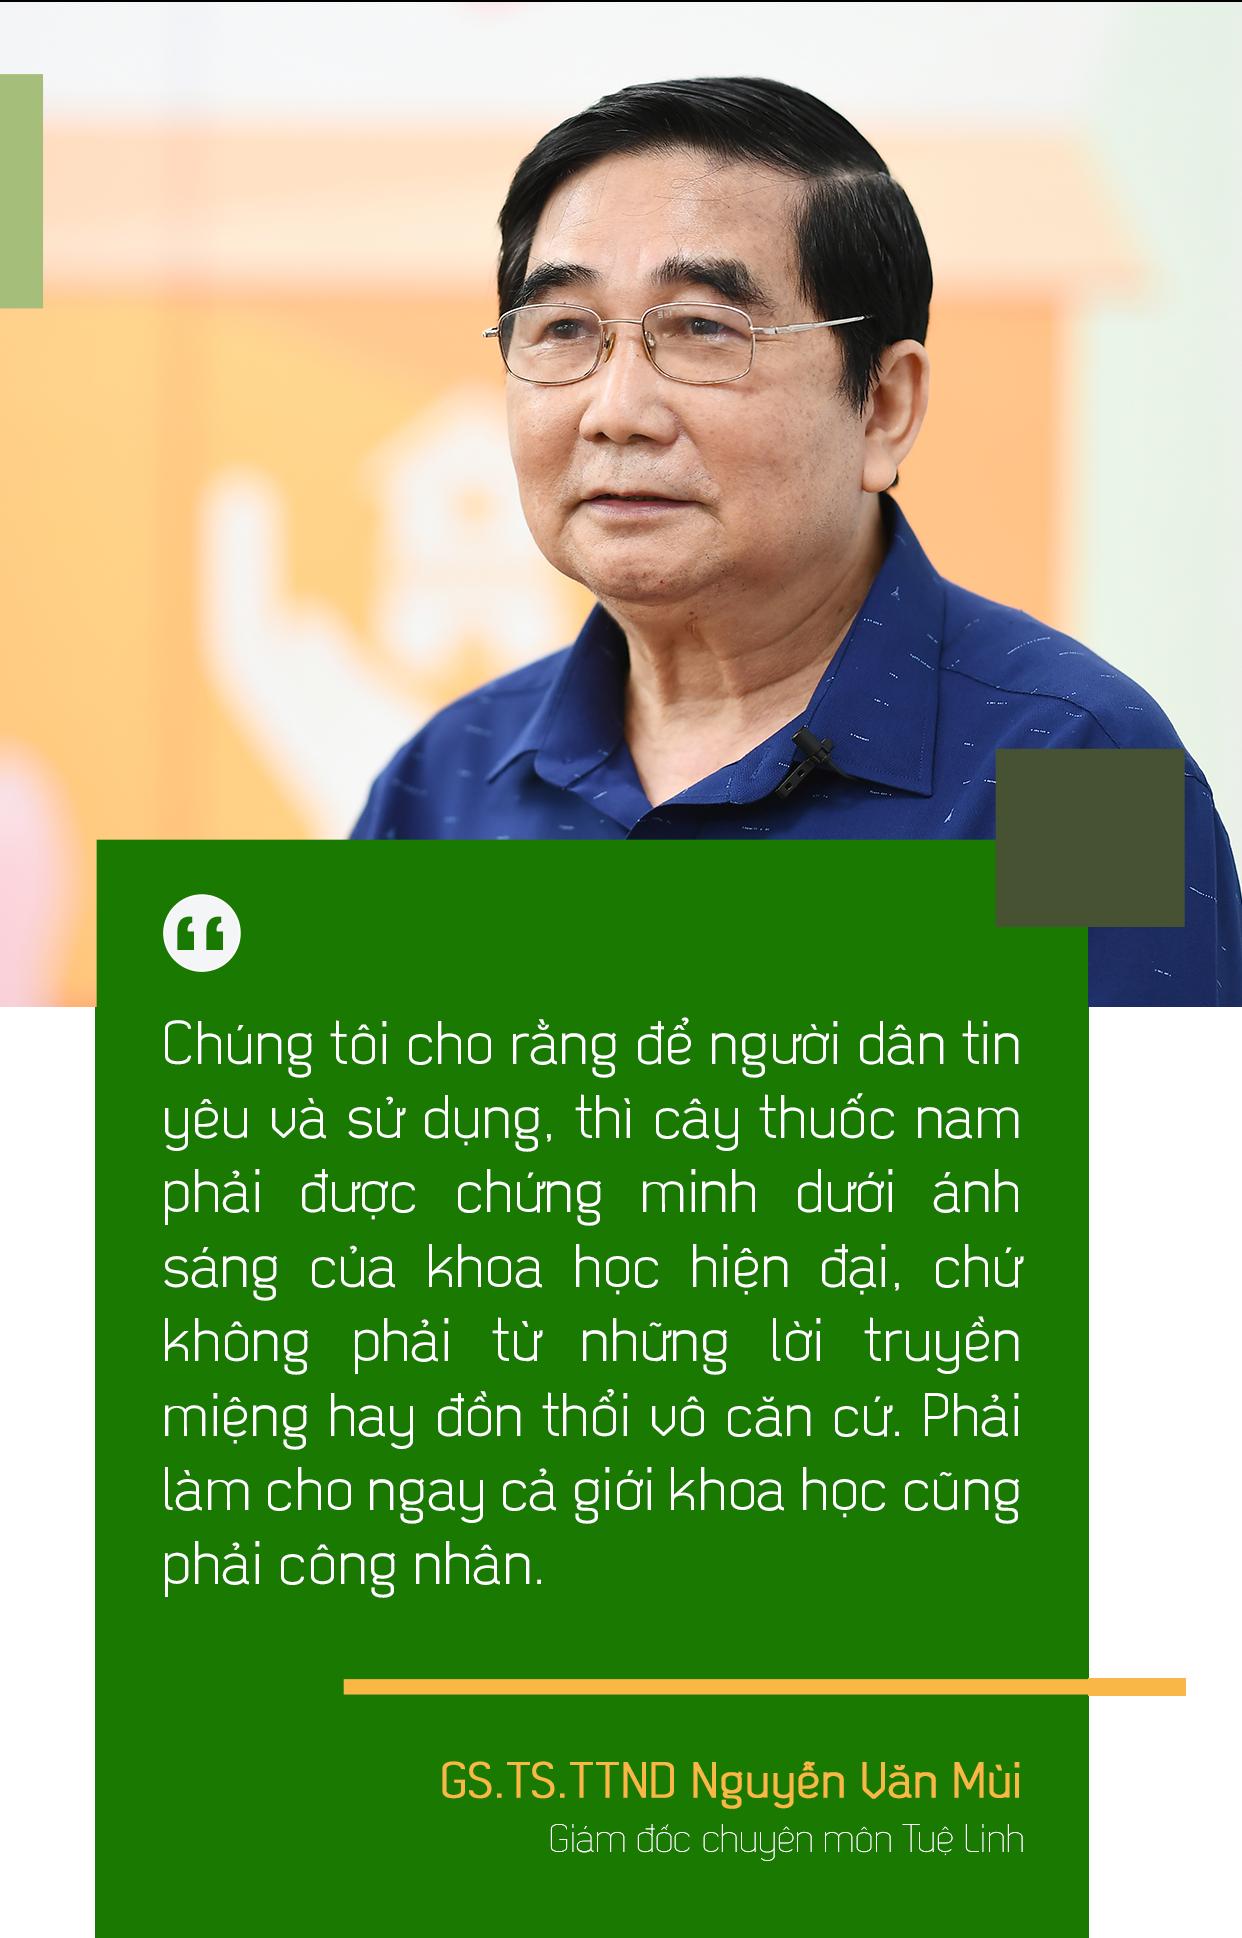 Hành trình 17 năm nâng tầm kho thuốc trời cho của người Việt - 14